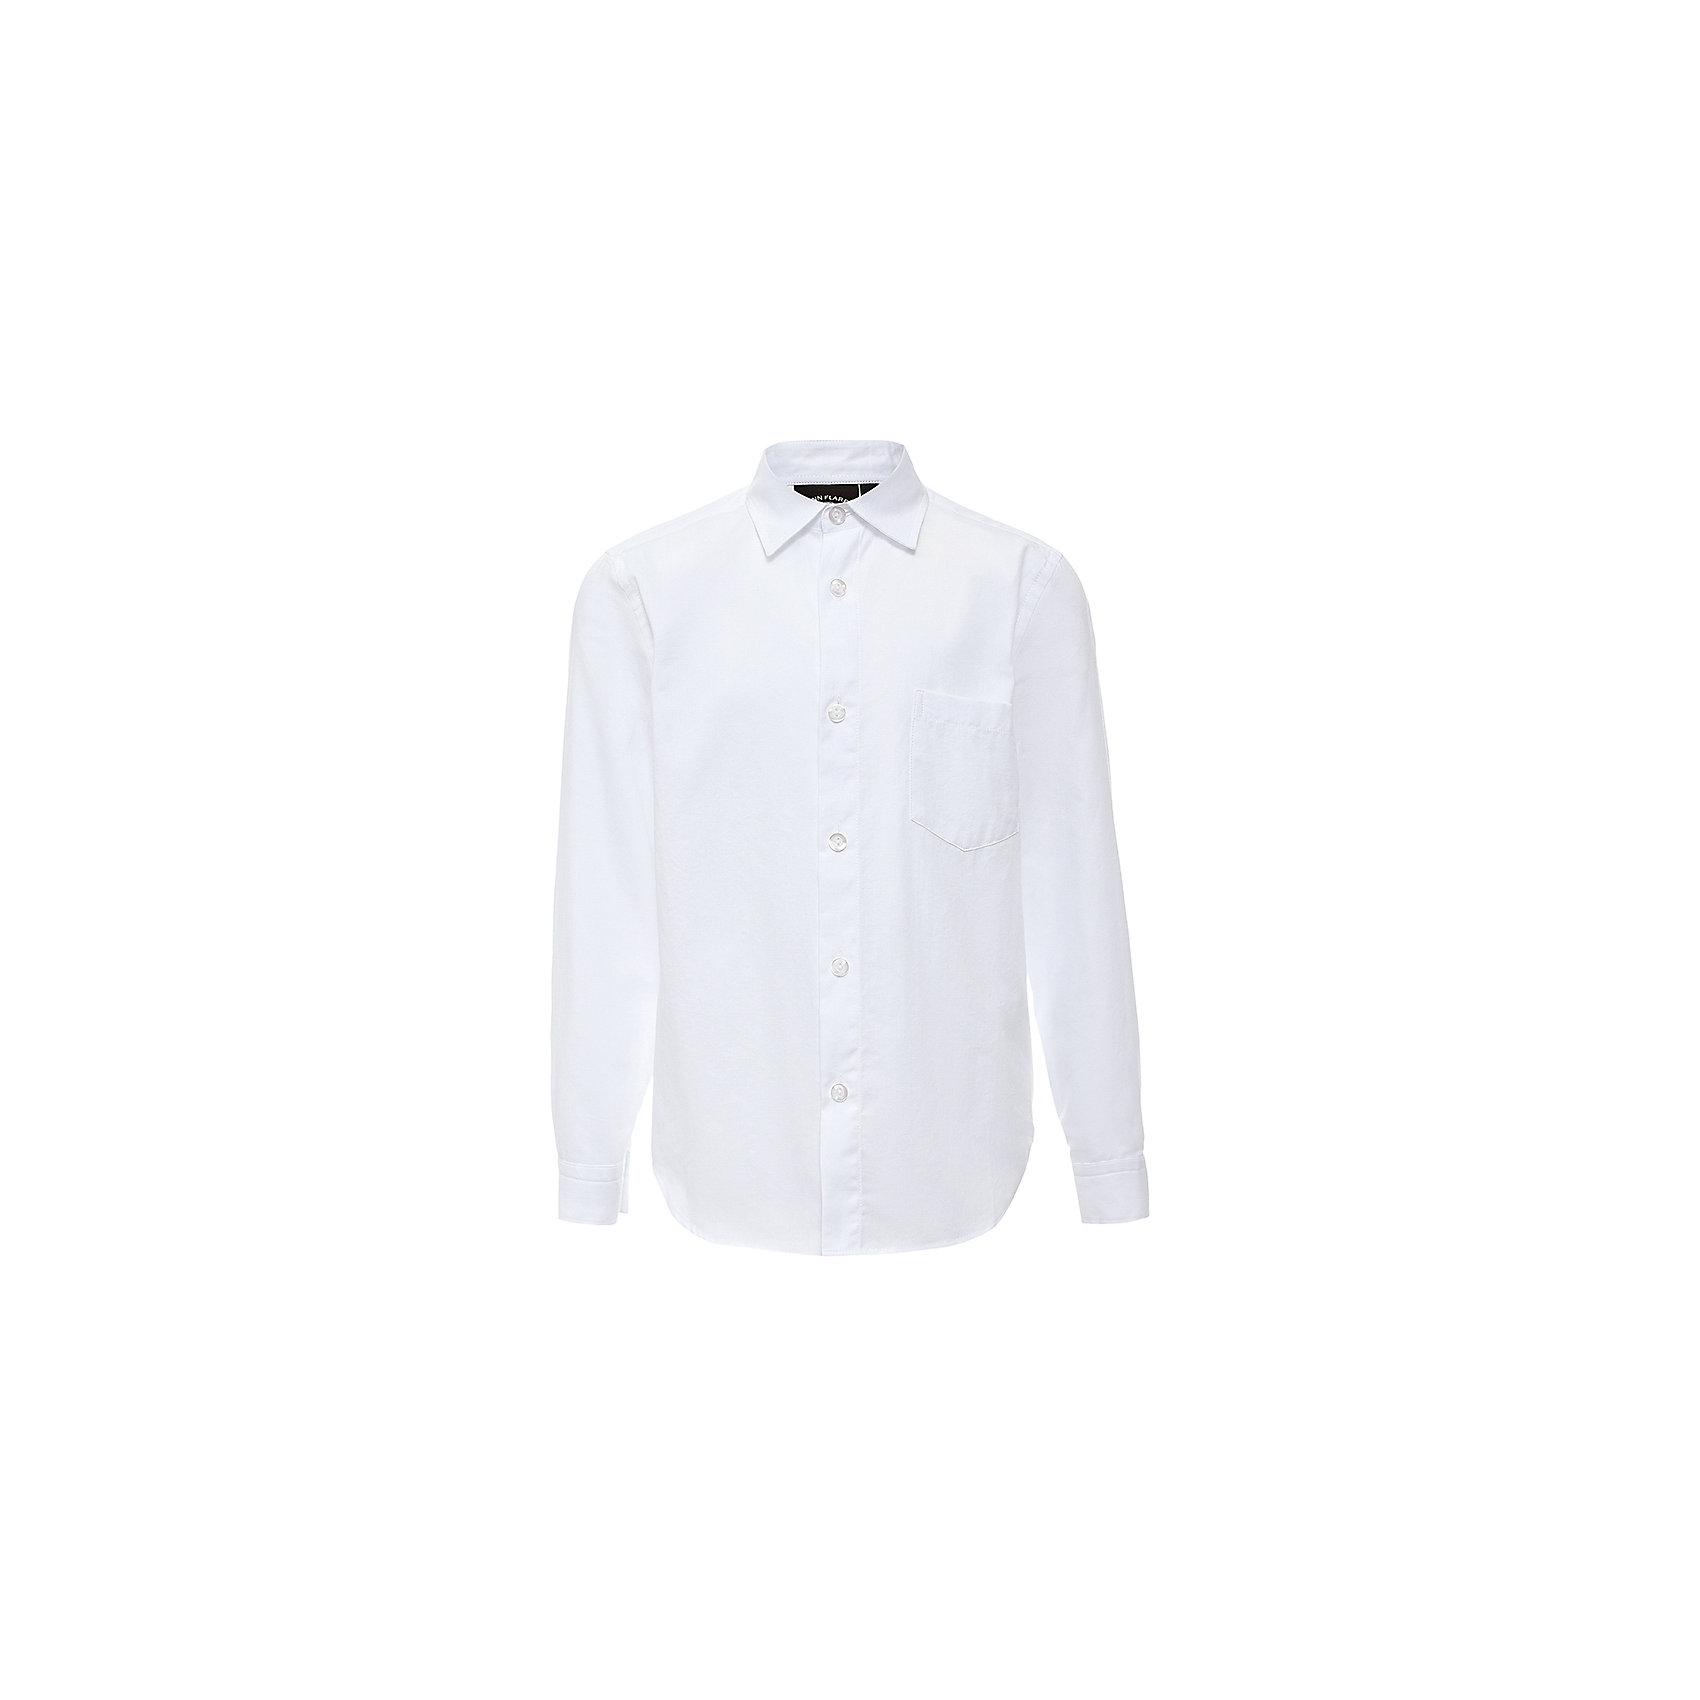 Рубашка для мальчика Finn FlareБлузки и рубашки<br>Рубашка для мальчика известной марки Finn Flare.<br><br>Школьная рубашка для мальчика предназначена для повседневной носки. Рубашка сочетается с брюками и джинсами, наверх можно надеть джемпер. Рубашка застегивается на пуговицы, есть манжеты на пуговицах и нагрудный карман. Рубашка легко стирается и гладится, полностью хлопковая, приятная к телу. <br><br>Фактура материала: Текстильный<br>Вид застежки: Пуговицы<br>Длина рукава: Длинные<br>Тип карманов: Накладные<br><br>Состав: 100% хлопок<br><br>Рубашку для мальчика Finn Flare можно купить в нашем интернет-магазине.<br><br>Ширина мм: 174<br>Глубина мм: 10<br>Высота мм: 169<br>Вес г: 157<br>Цвет: белый<br>Возраст от месяцев: 144<br>Возраст до месяцев: 156<br>Пол: Мужской<br>Возраст: Детский<br>Размер: 158,116,122,128,134,140,146,152<br>SKU: 4890436